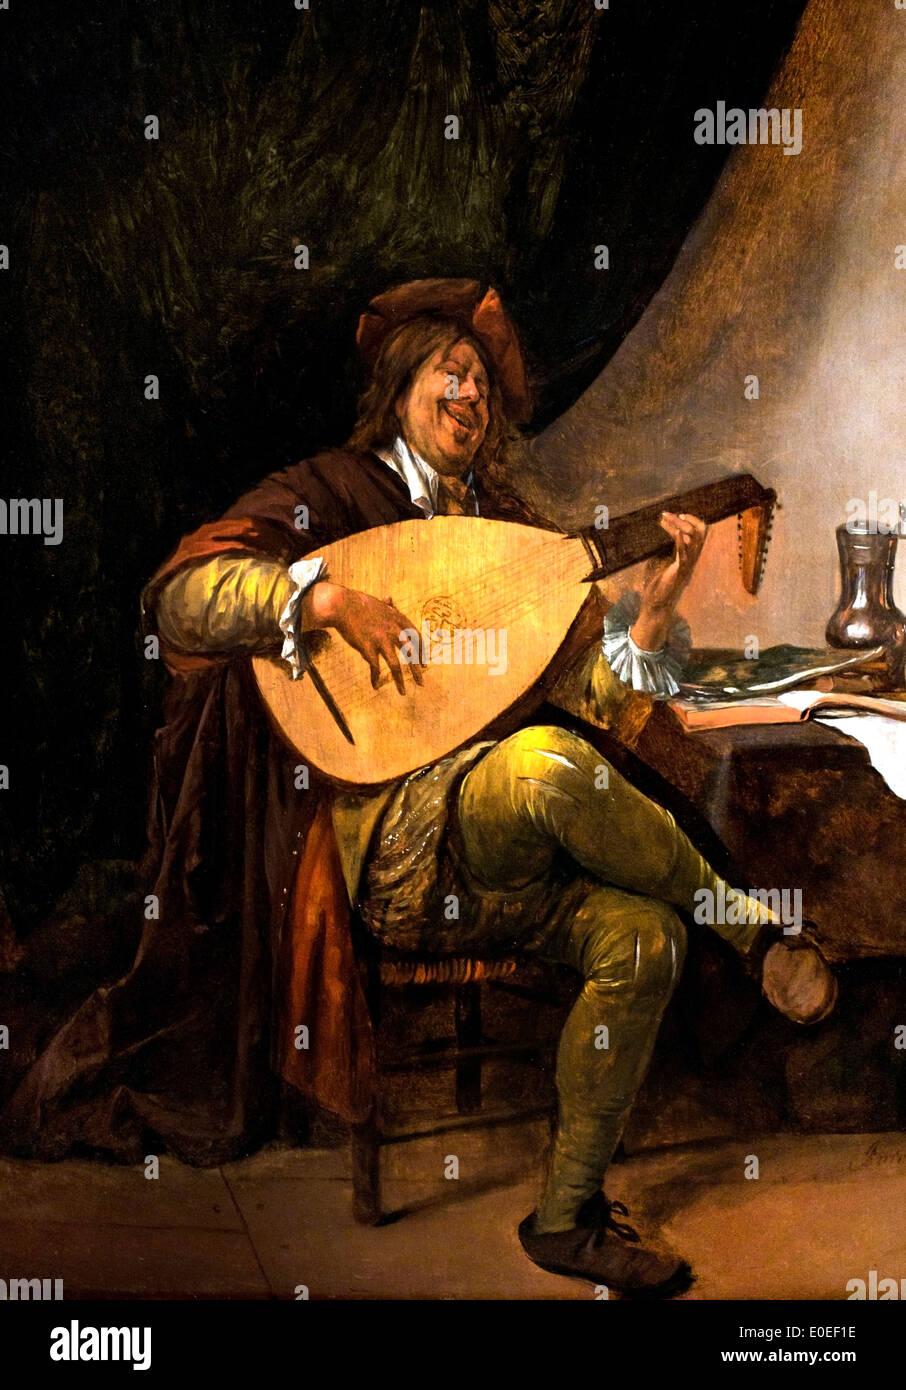 Selbstporträt, spielen die laute 1663-65 von Jan Havicksz (Havickszoon) Steen 1626-1679 Niederlande Niederlande Stockbild